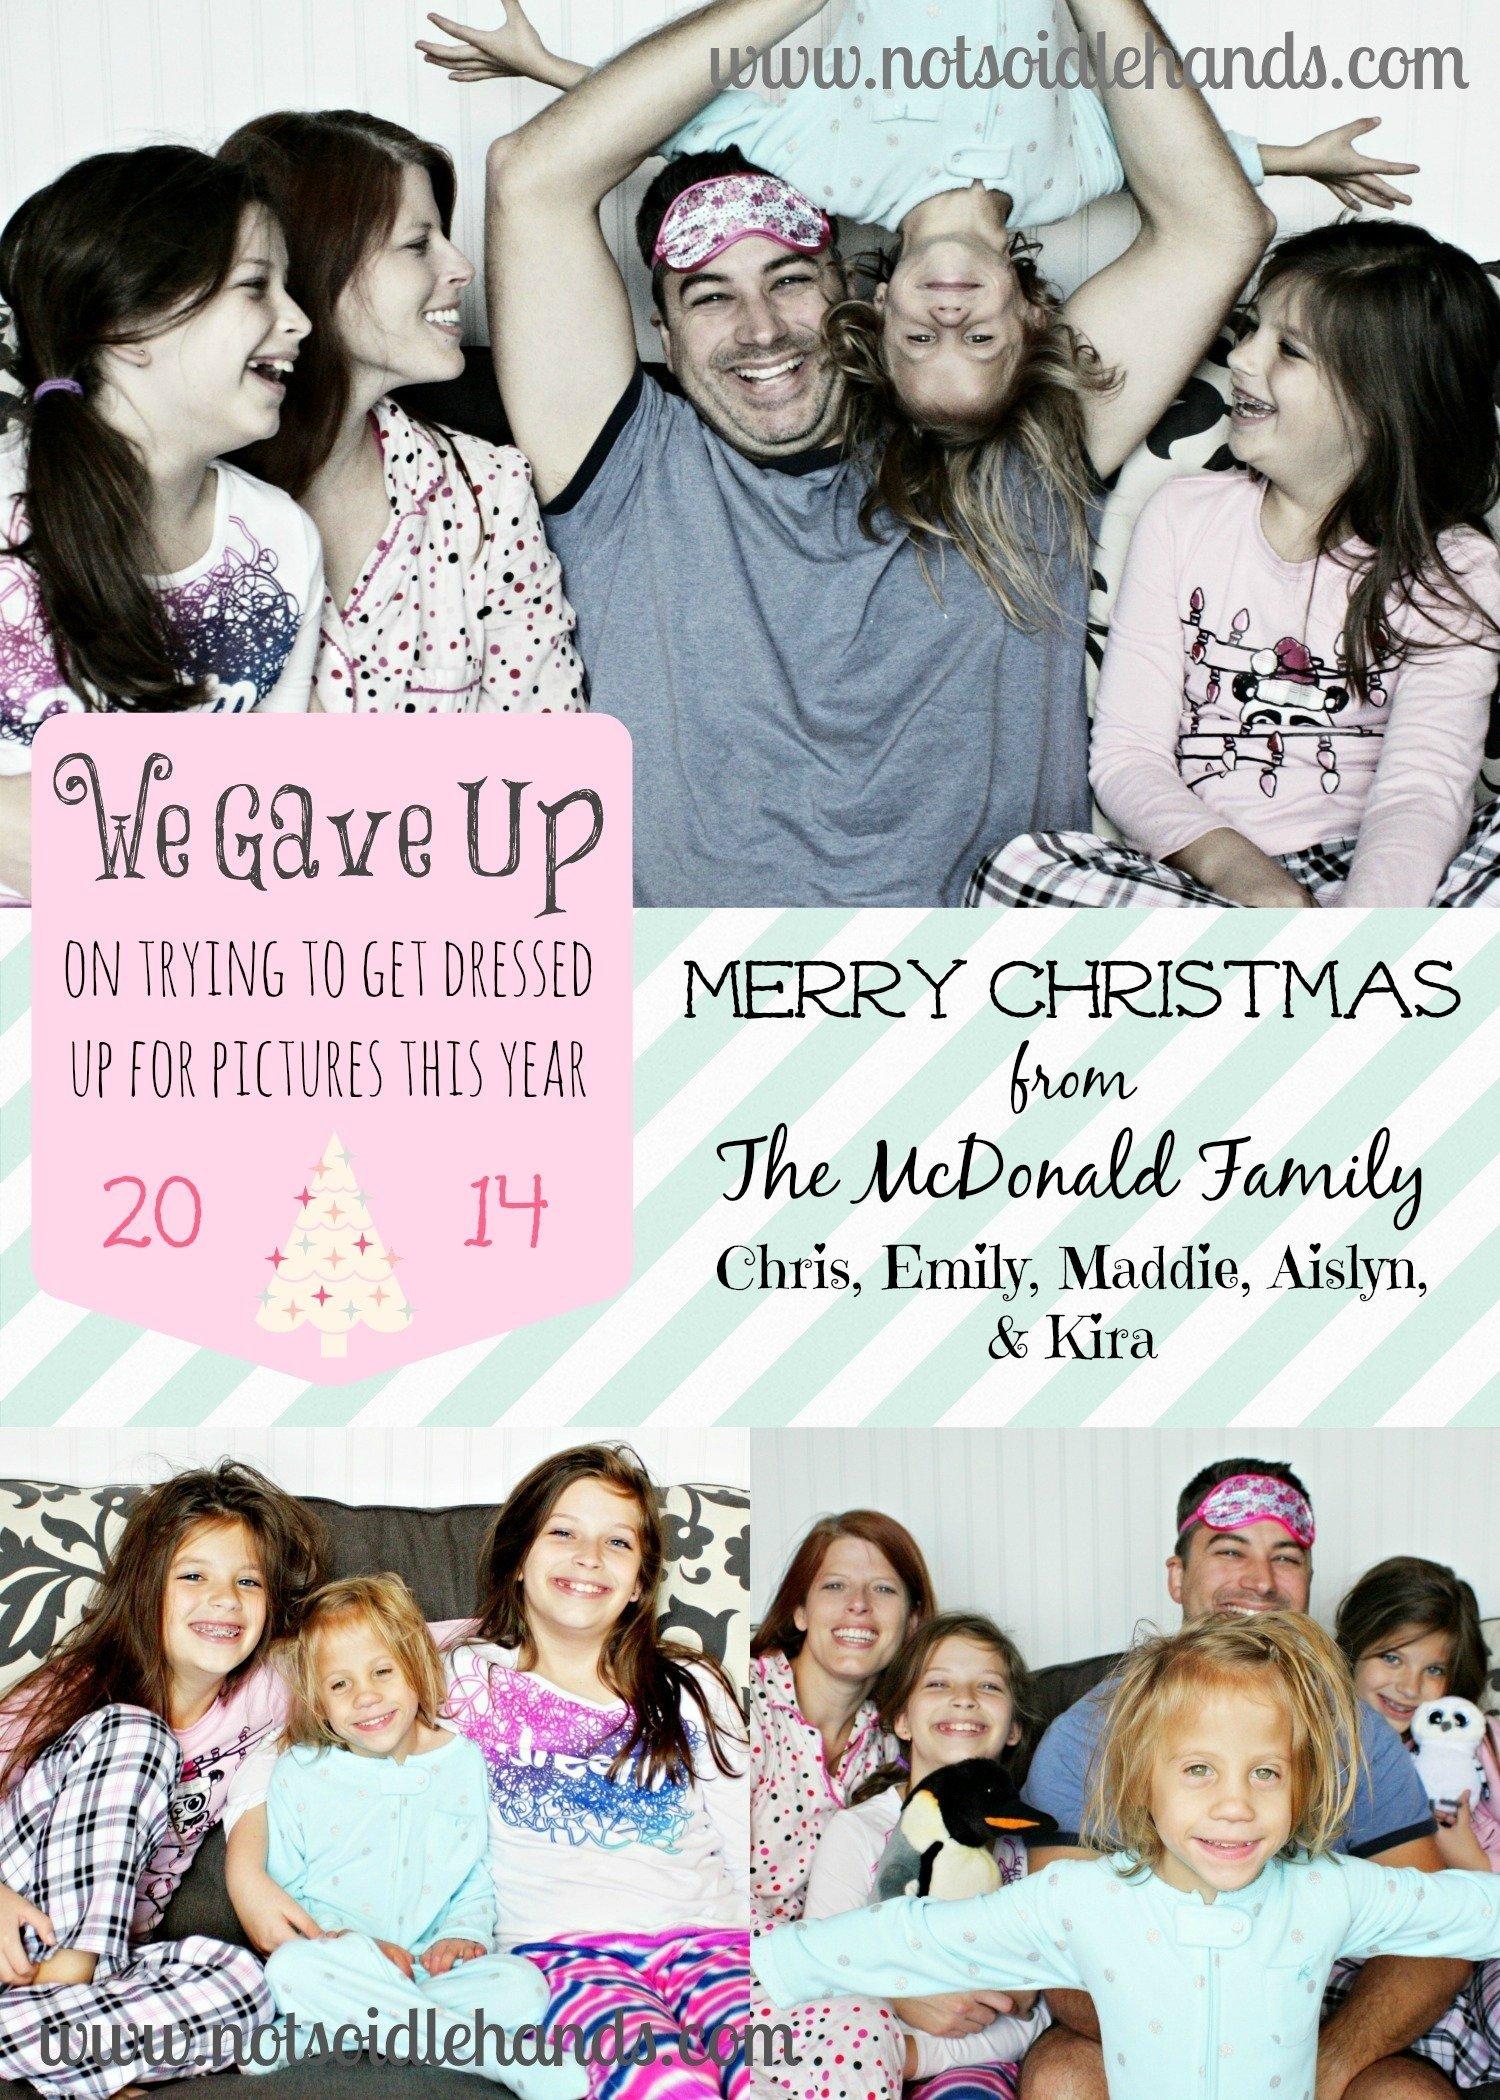 25 funny christmas card ideas - family christmas card photos with